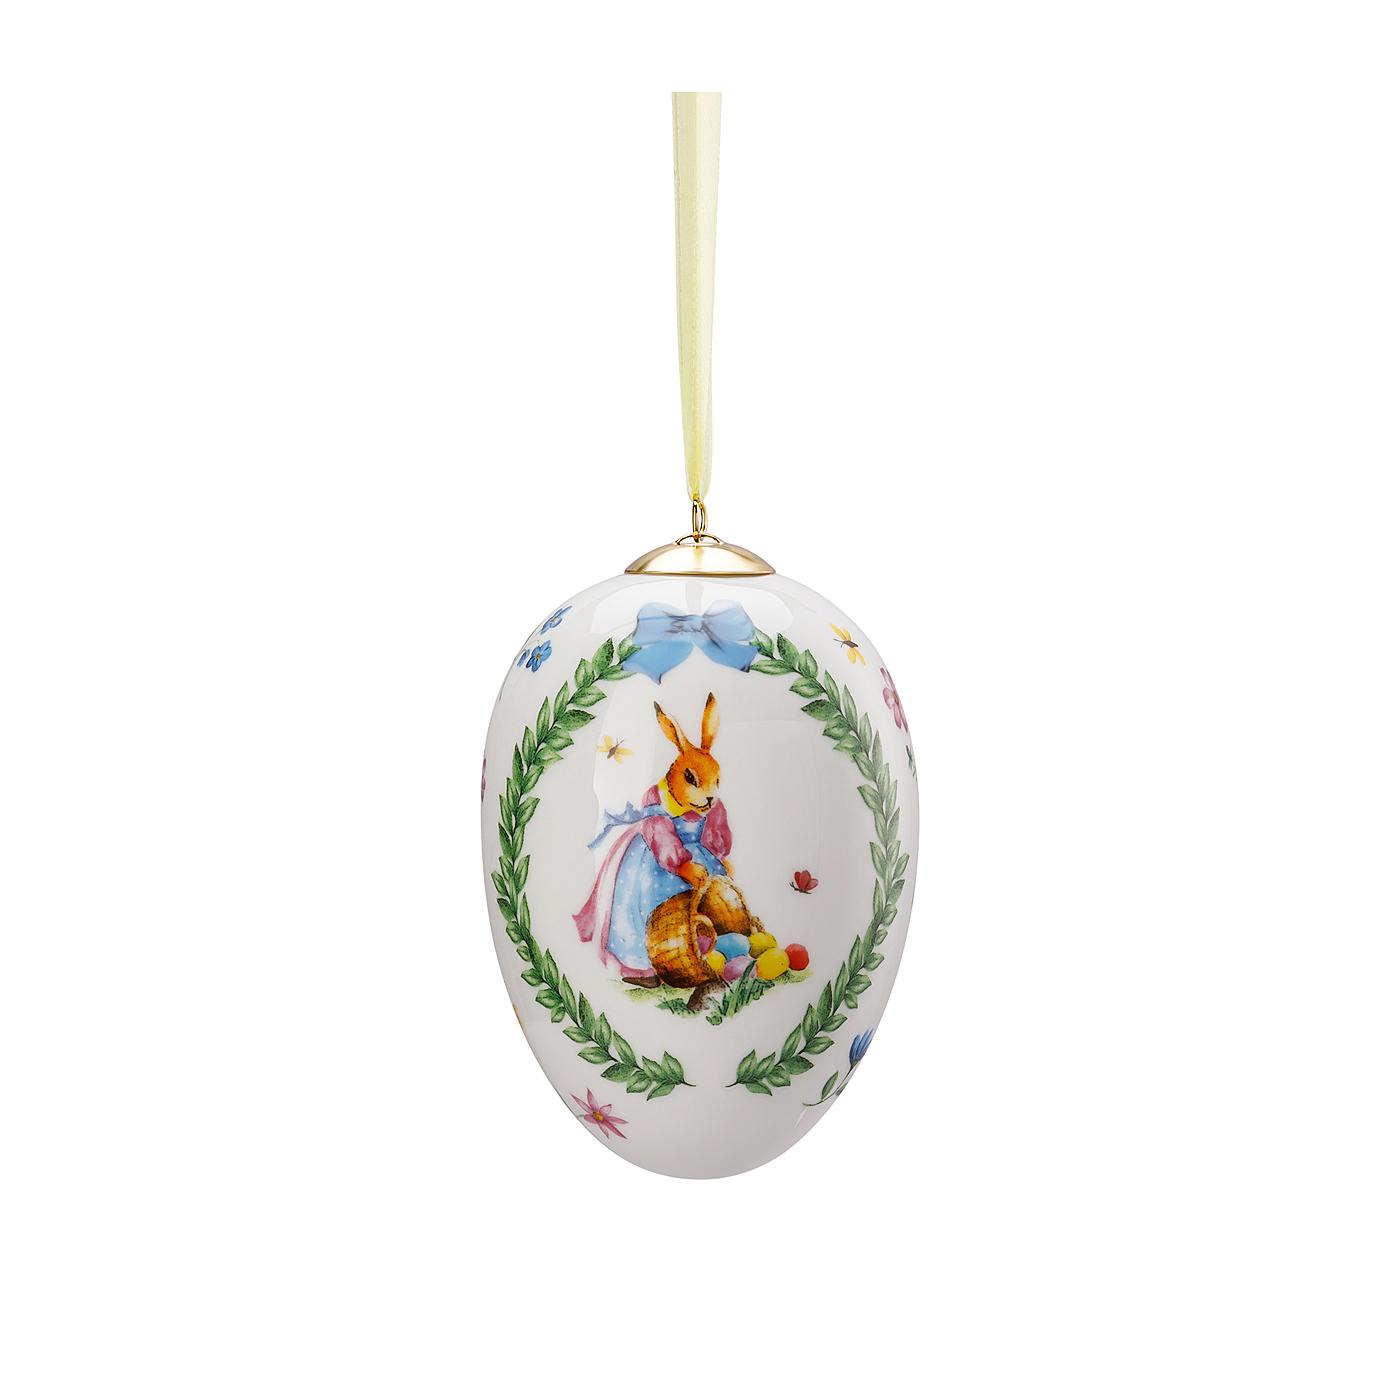 Porzellan-Midi-Ei Geschenkserie Eiersammeln Hutschenreuther